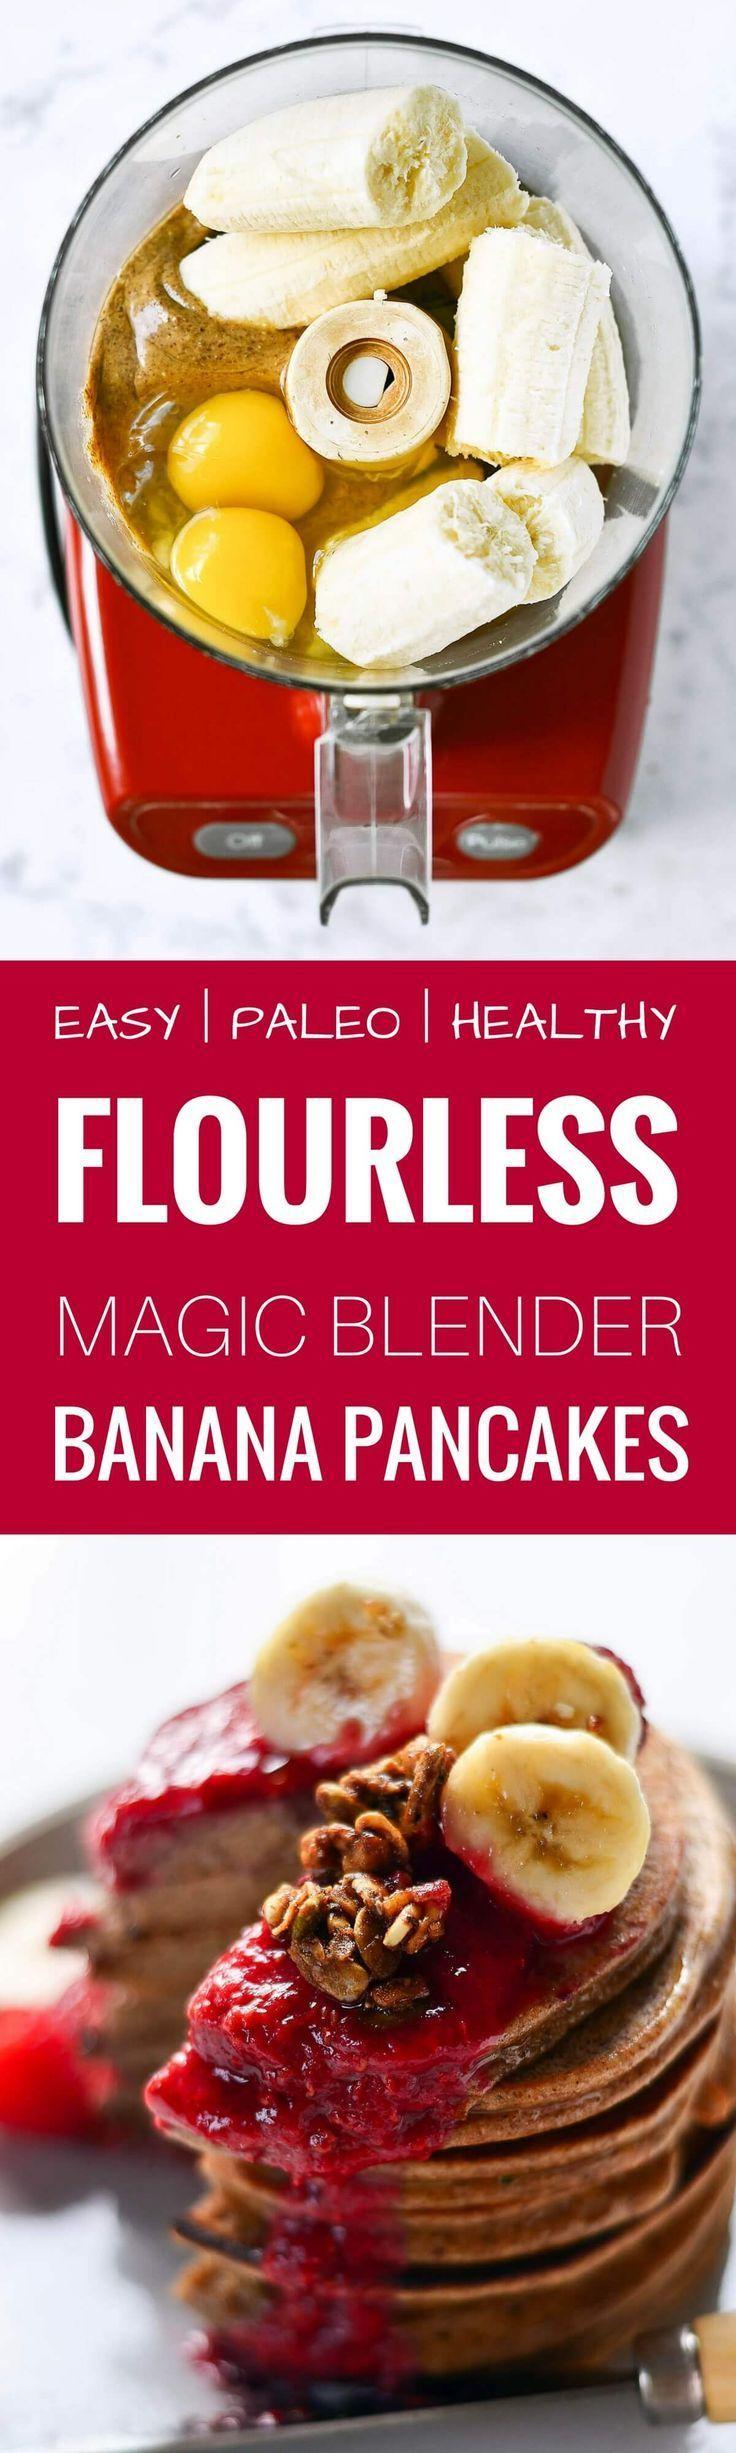 Oso Simple Squishy Banana : Mejores 495 imagenes de Paleo Breakfast Recipes en Pinterest Cocinas, Recetas de paleo y ...